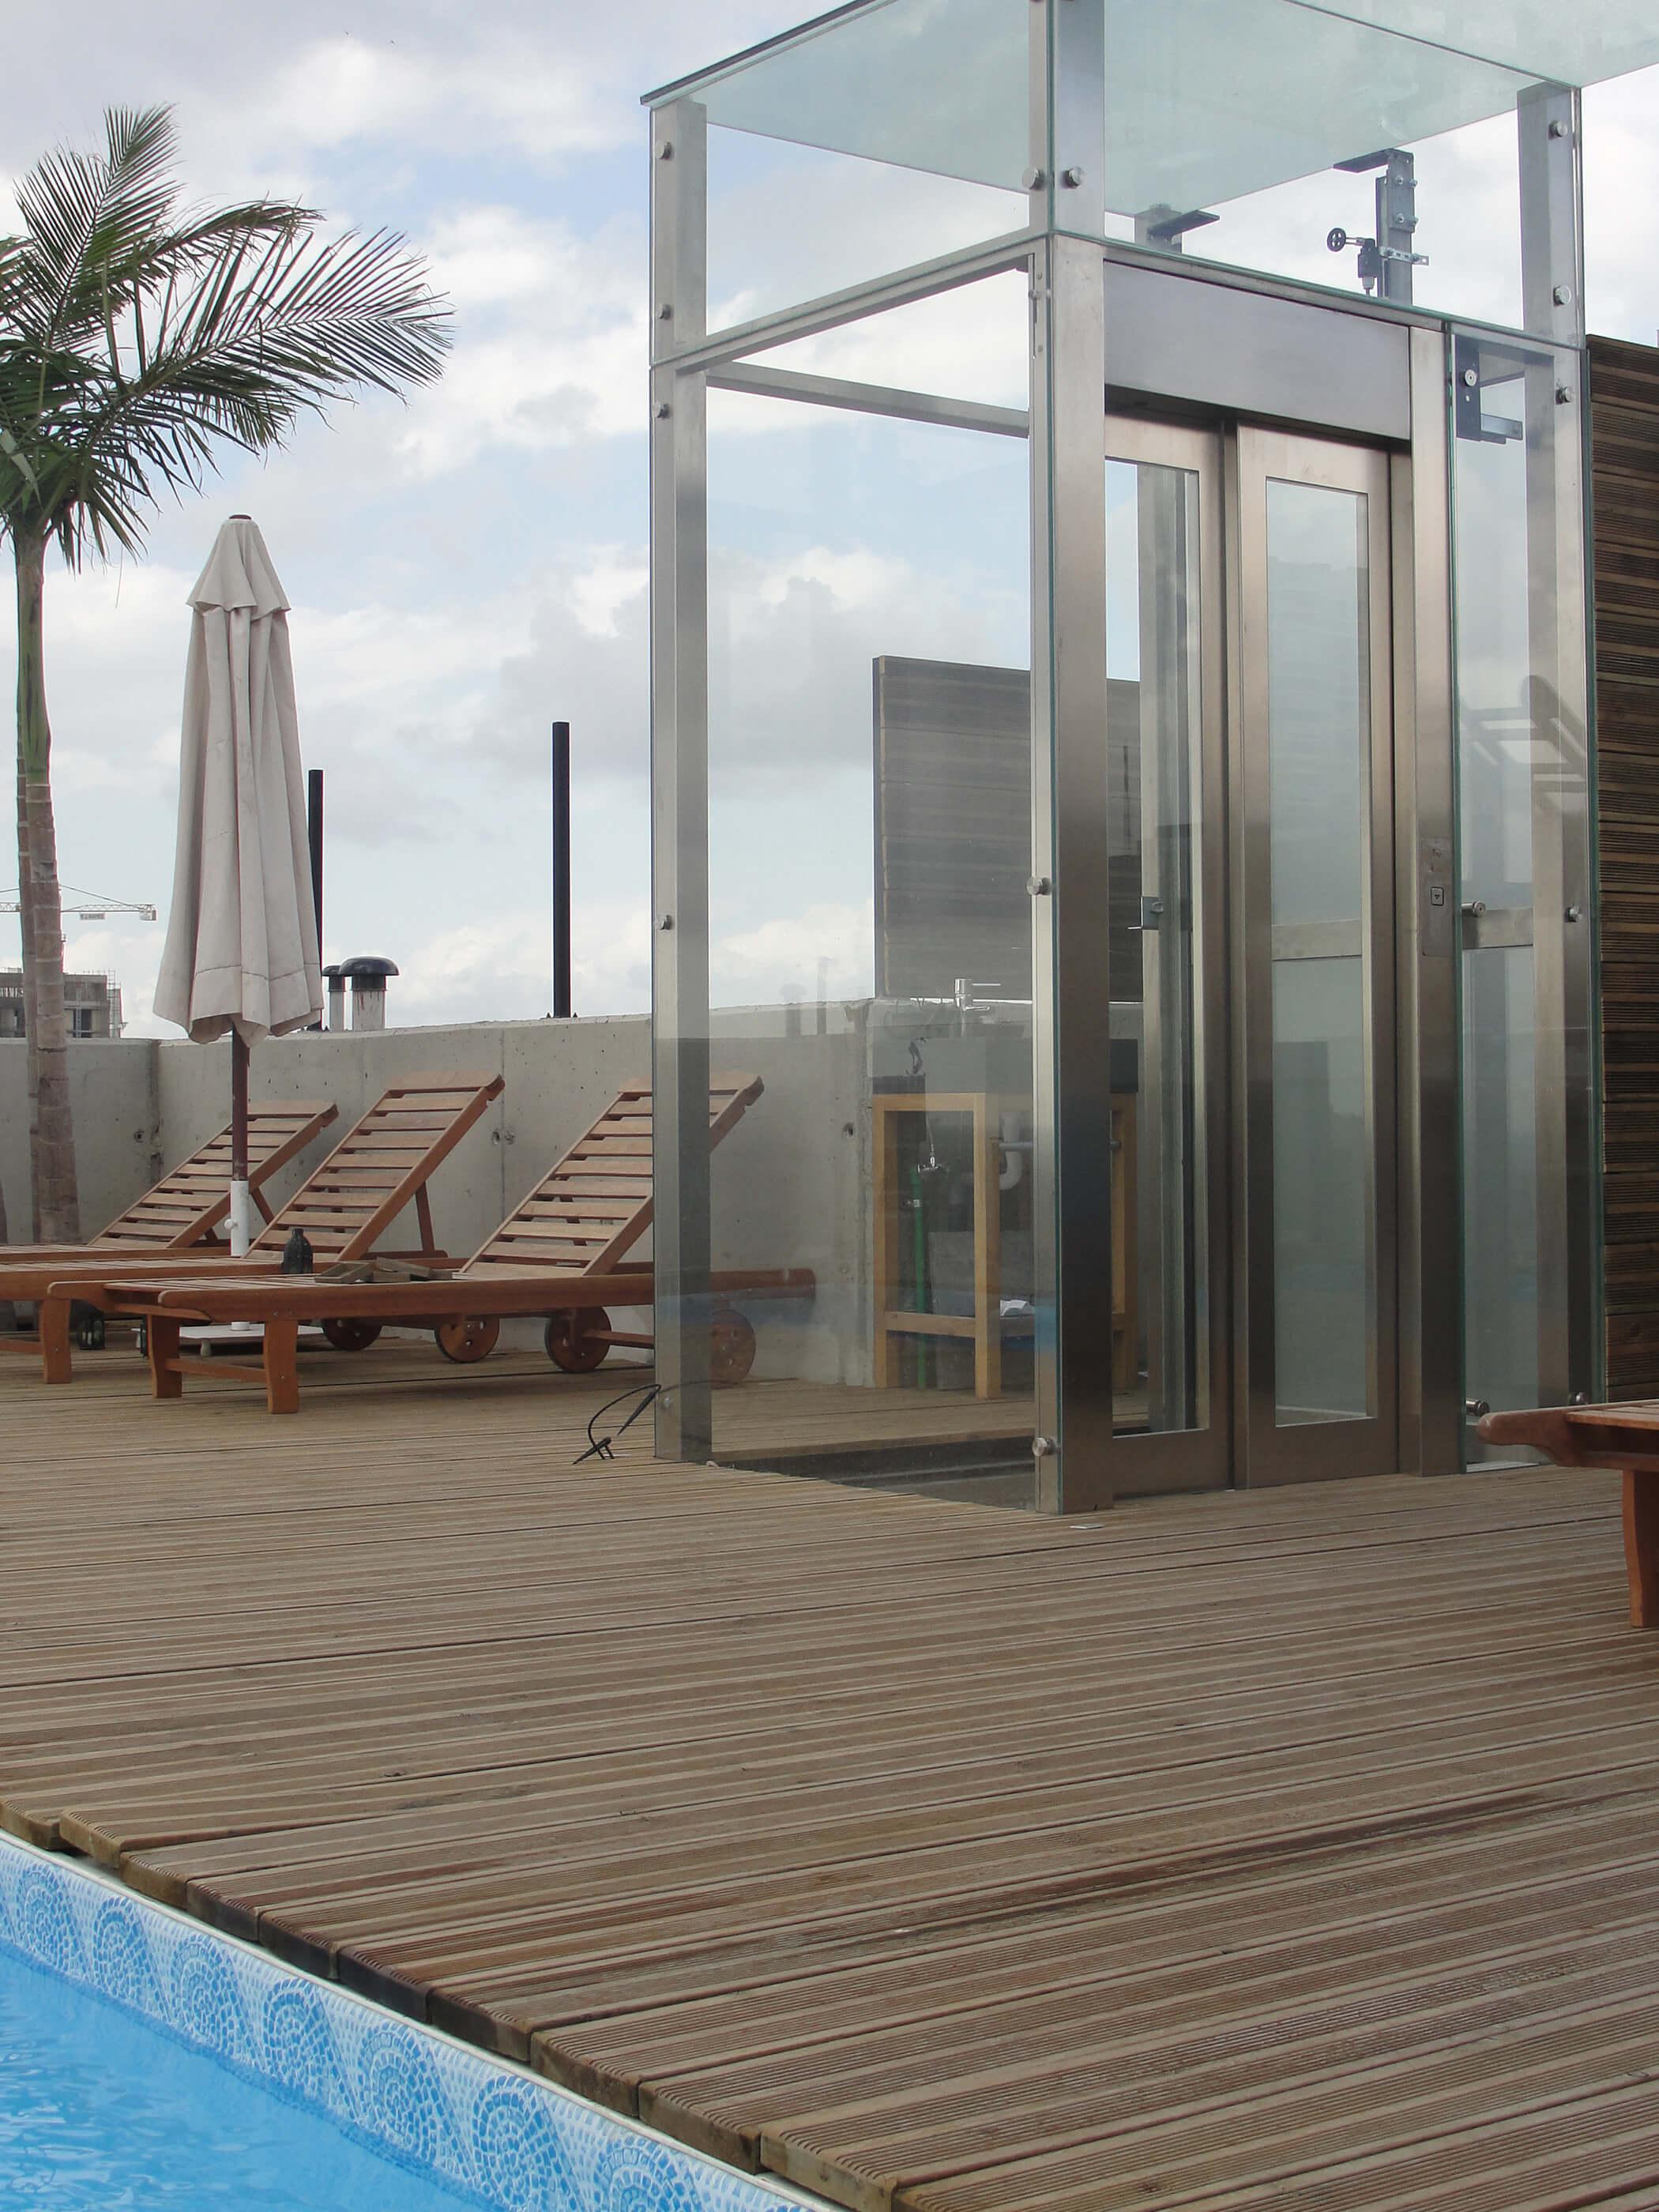 Élévateur vertical au bord d'une piscine